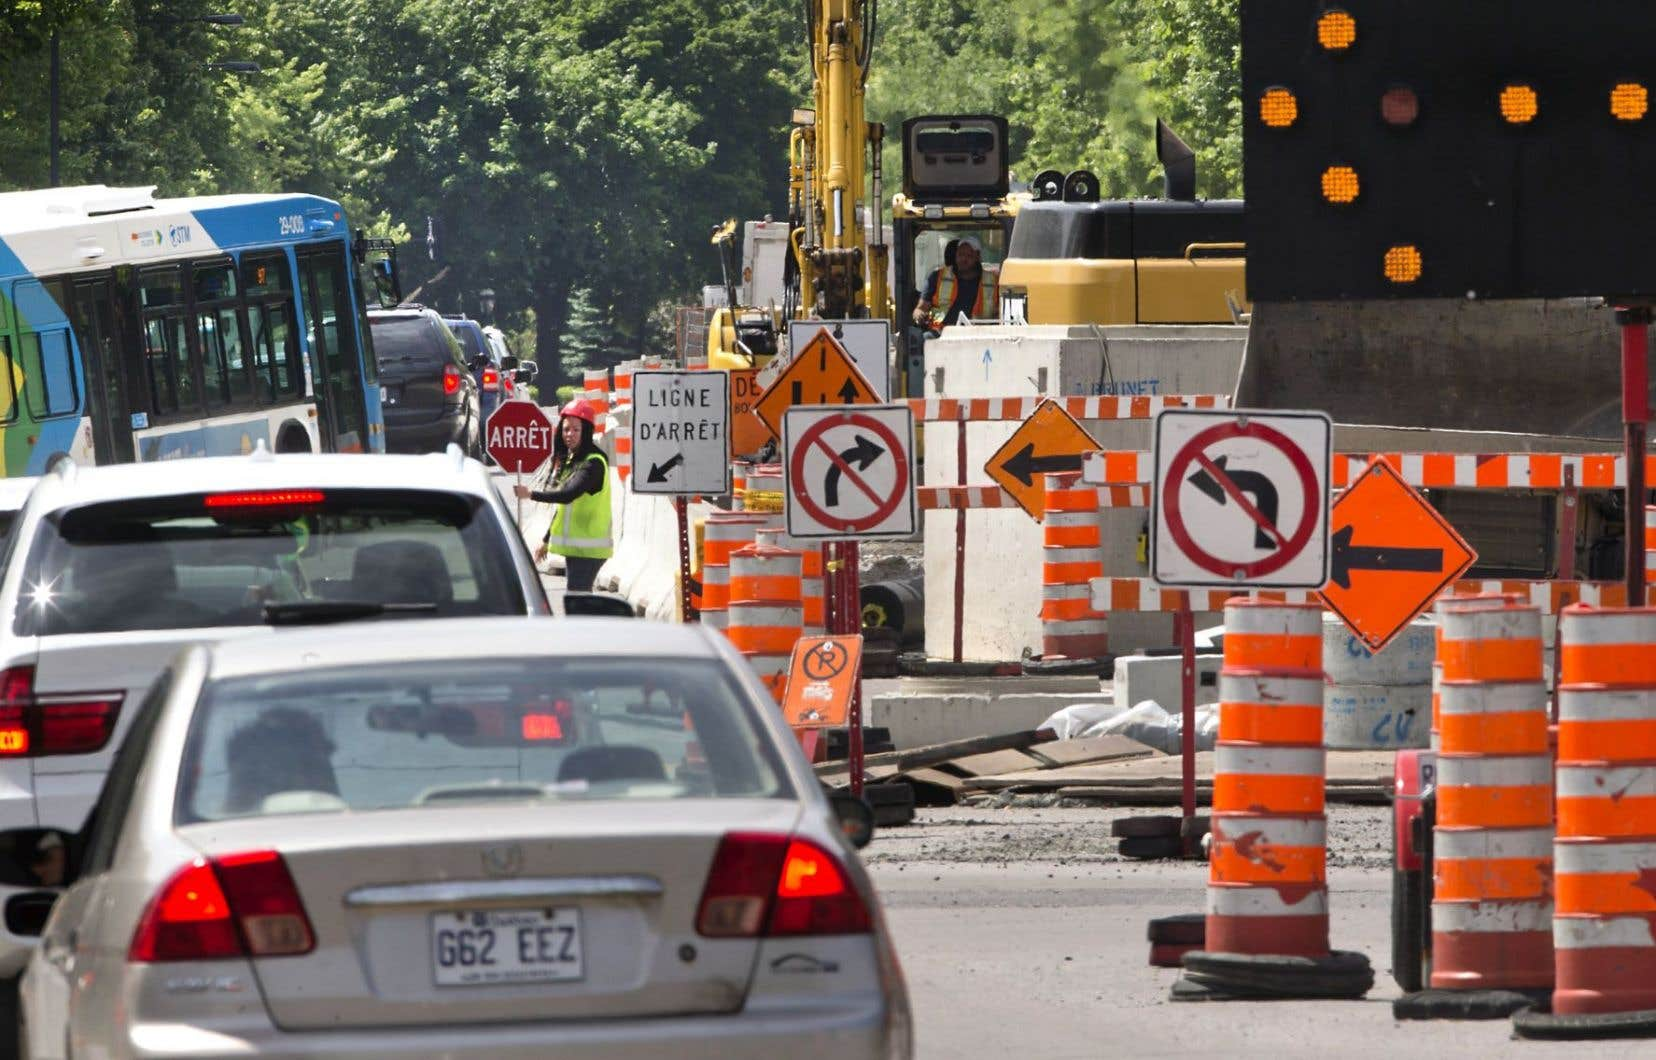 Les chantiers n'ont jamais été aussi nombreux à Montréal, notamment en raison des travaux en prévision du 375eanniversaire de la ville.